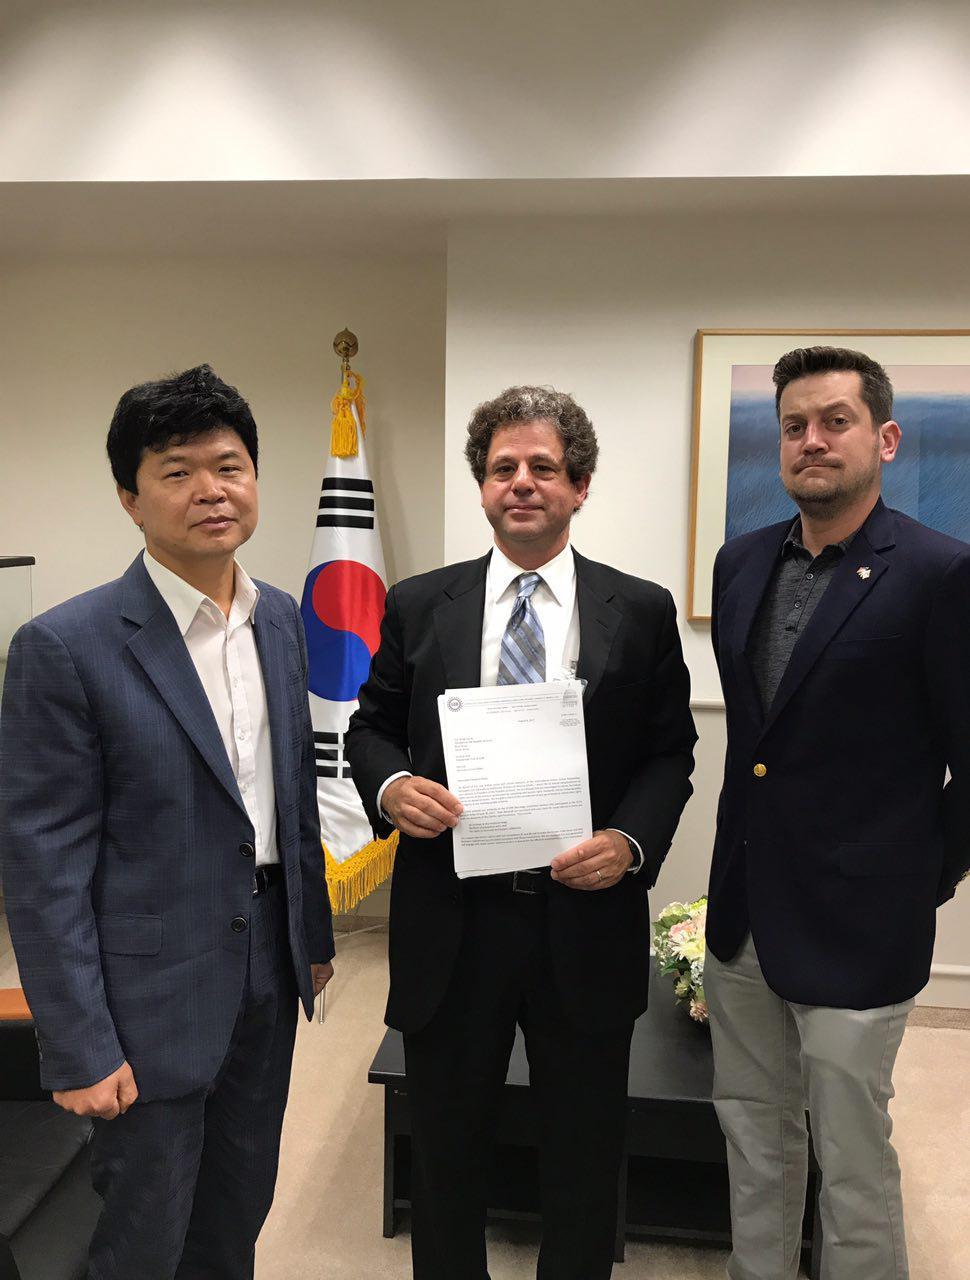 전미자동차노조 주미한국대사관에 석방촉구서한전달.jpg